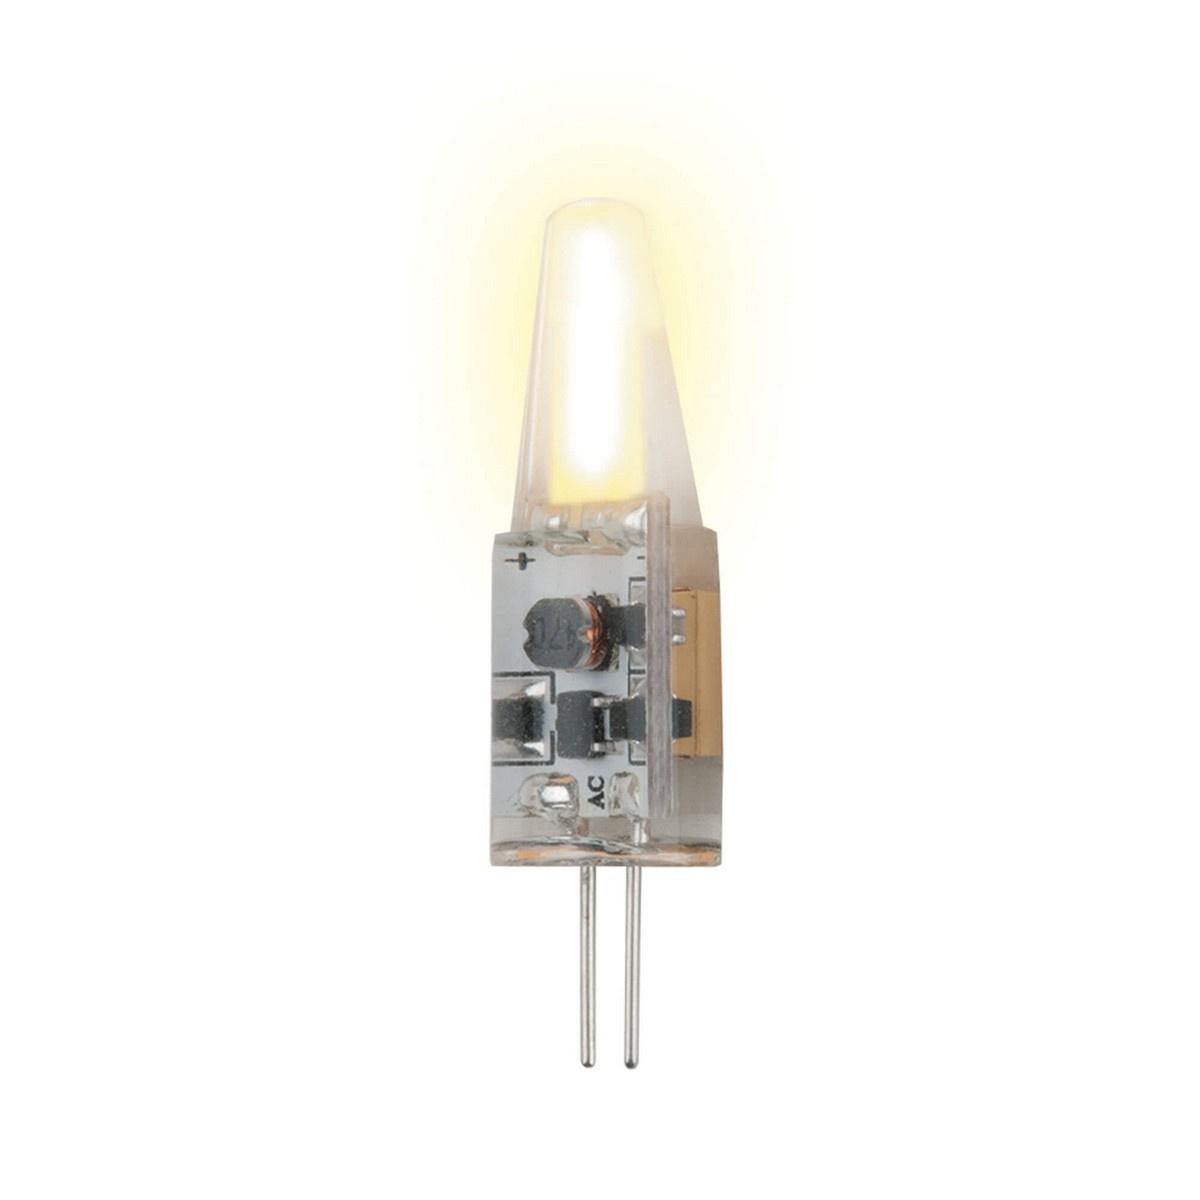 Лампа светодиодная (UL-00000185) G4 2W 3000K прозрачная LED-JC-220/2W/WW/G4/CL SIZ05TR uniel лампа галогенная uniel капсула прозрачная g4 35w jc 220 35 g4 cl 02585